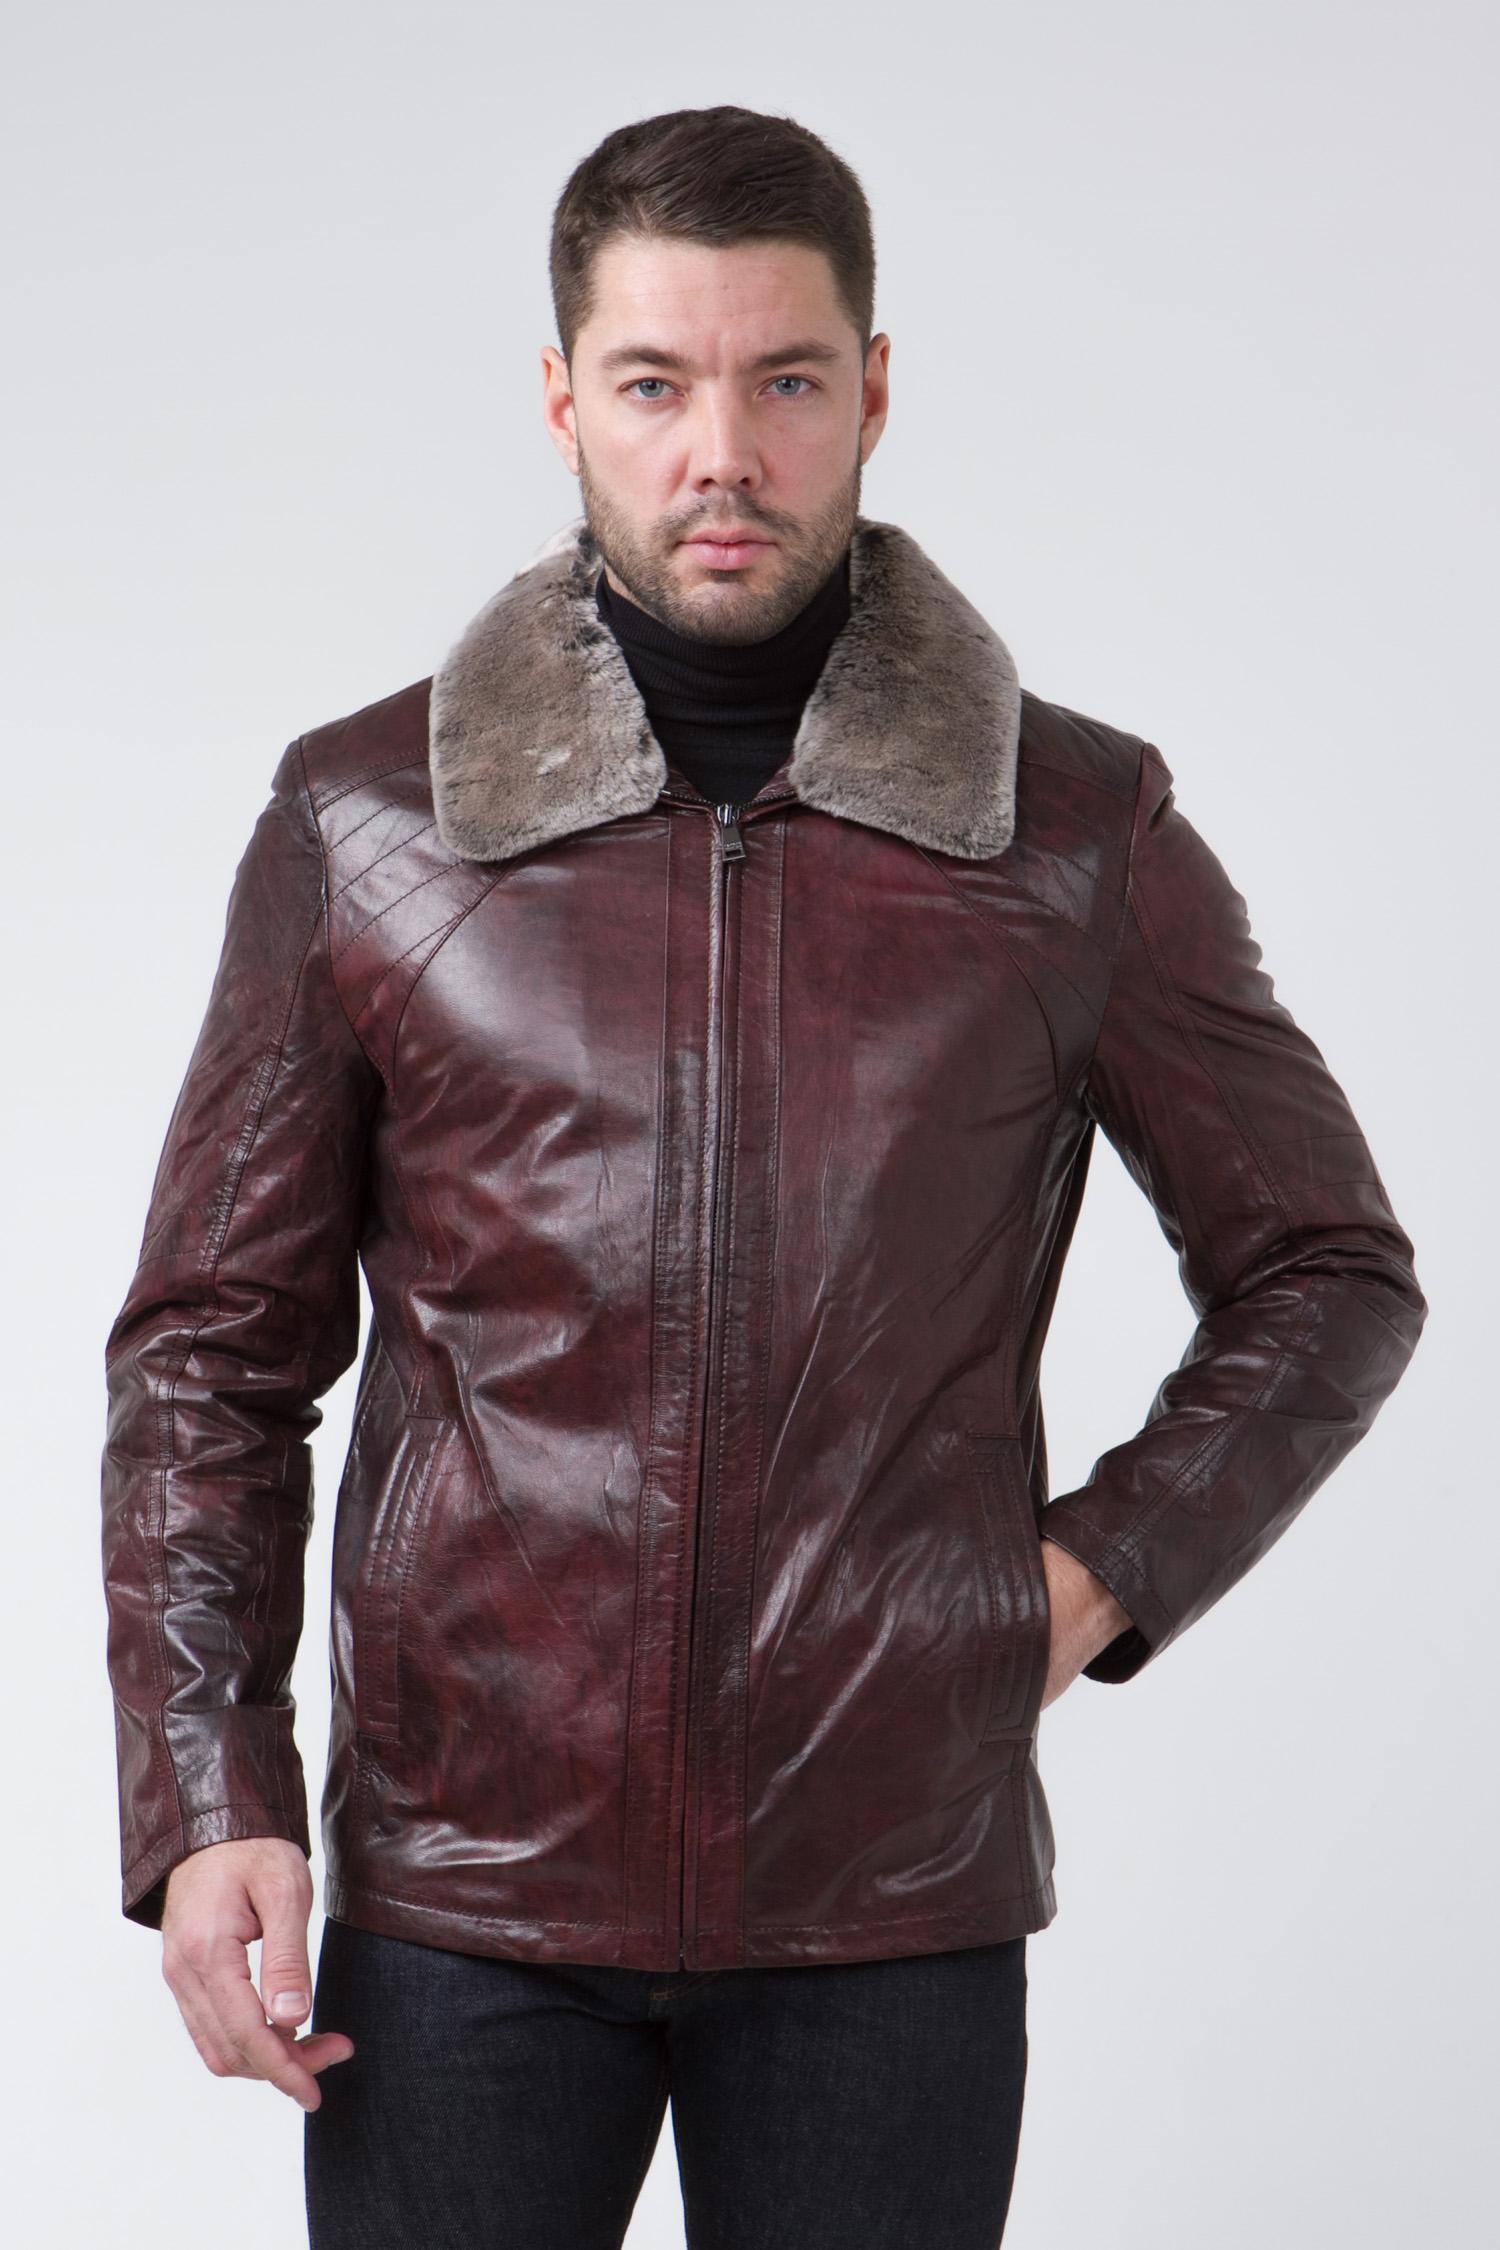 Мужская кожаная куртка из натуральной кожи с воротником, отделка овчина